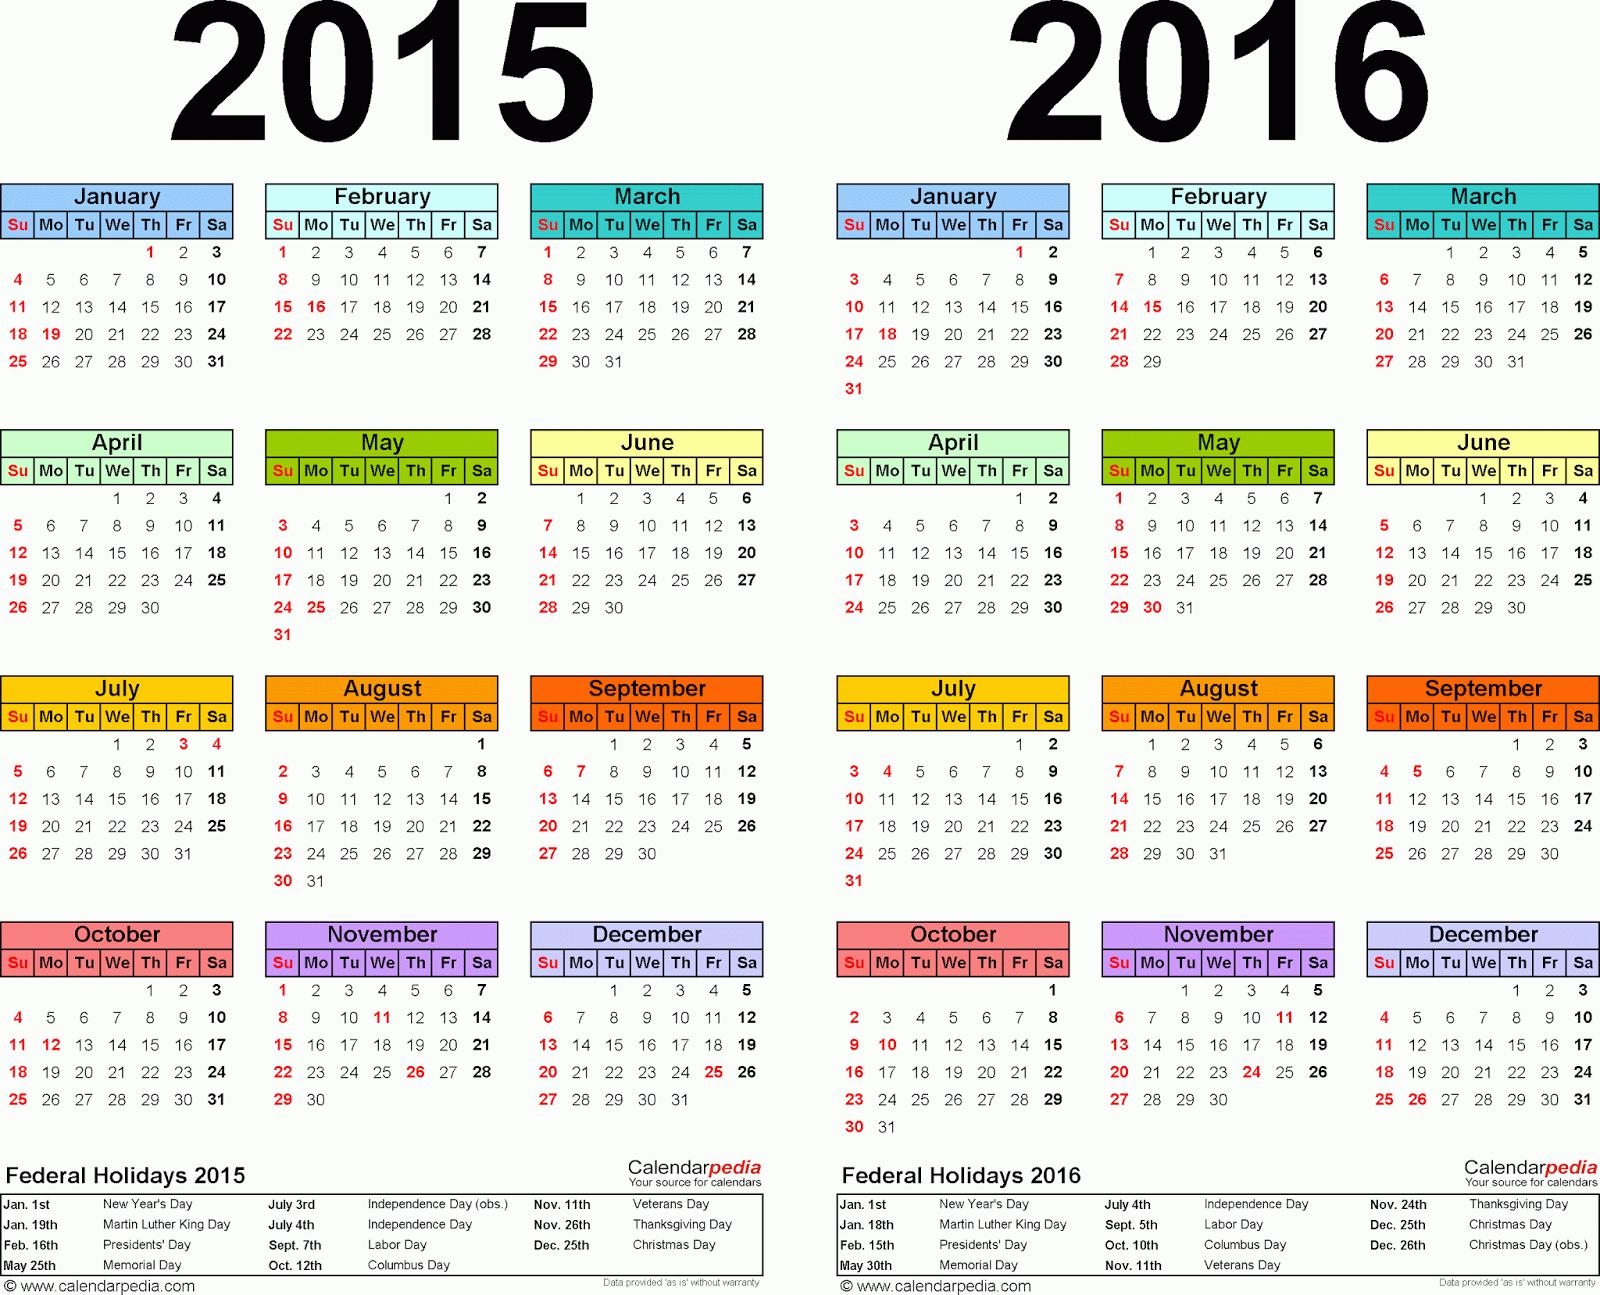 Peotone PTO 2015 2016 Calendar